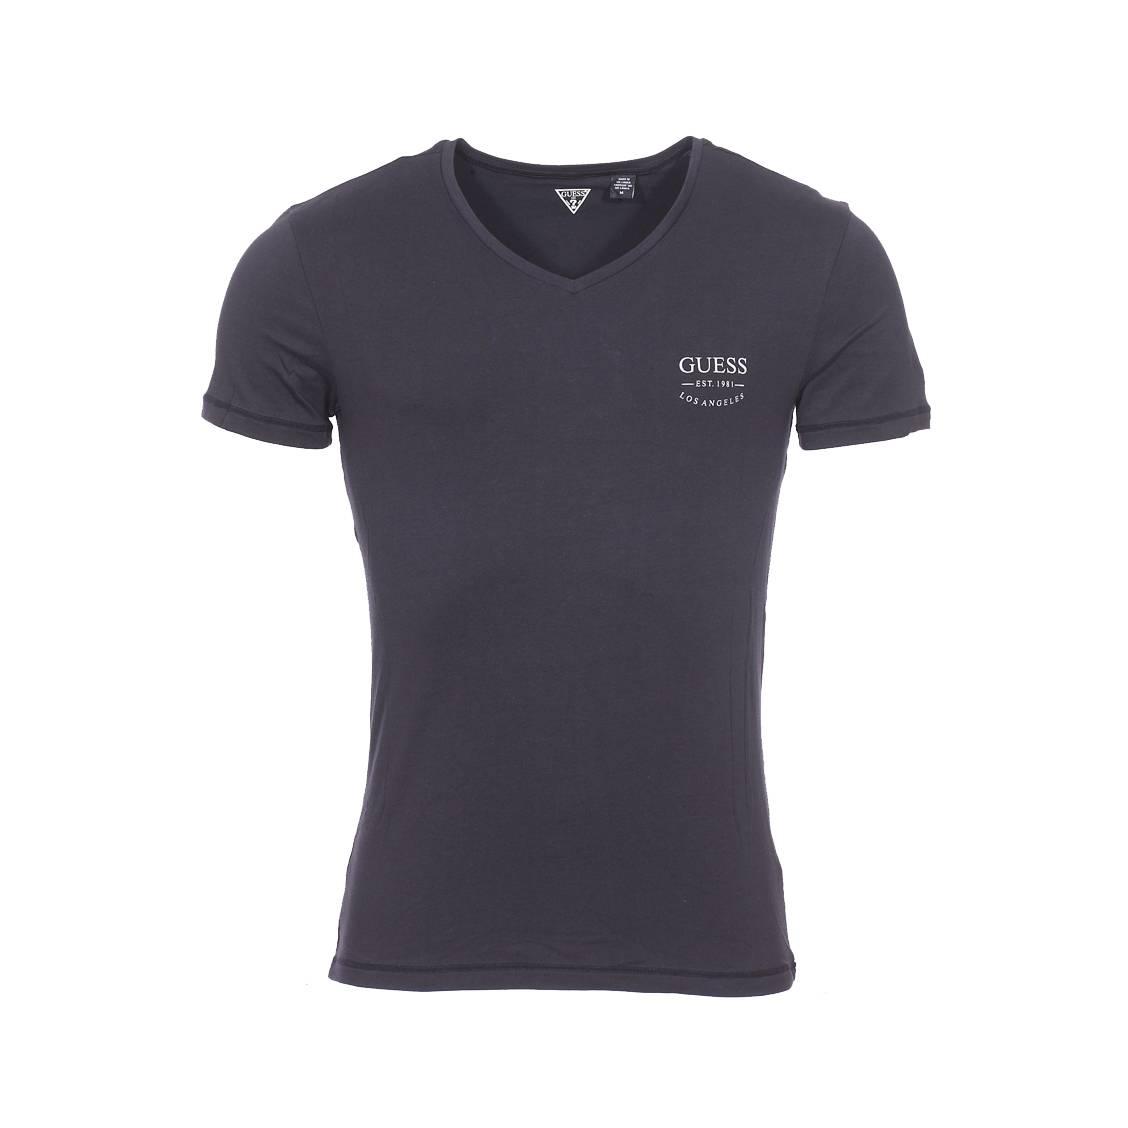 a26f07b633ea Tee-shirt col V Guess en coton stretch noir floqué en gris sur la poitrine  ...